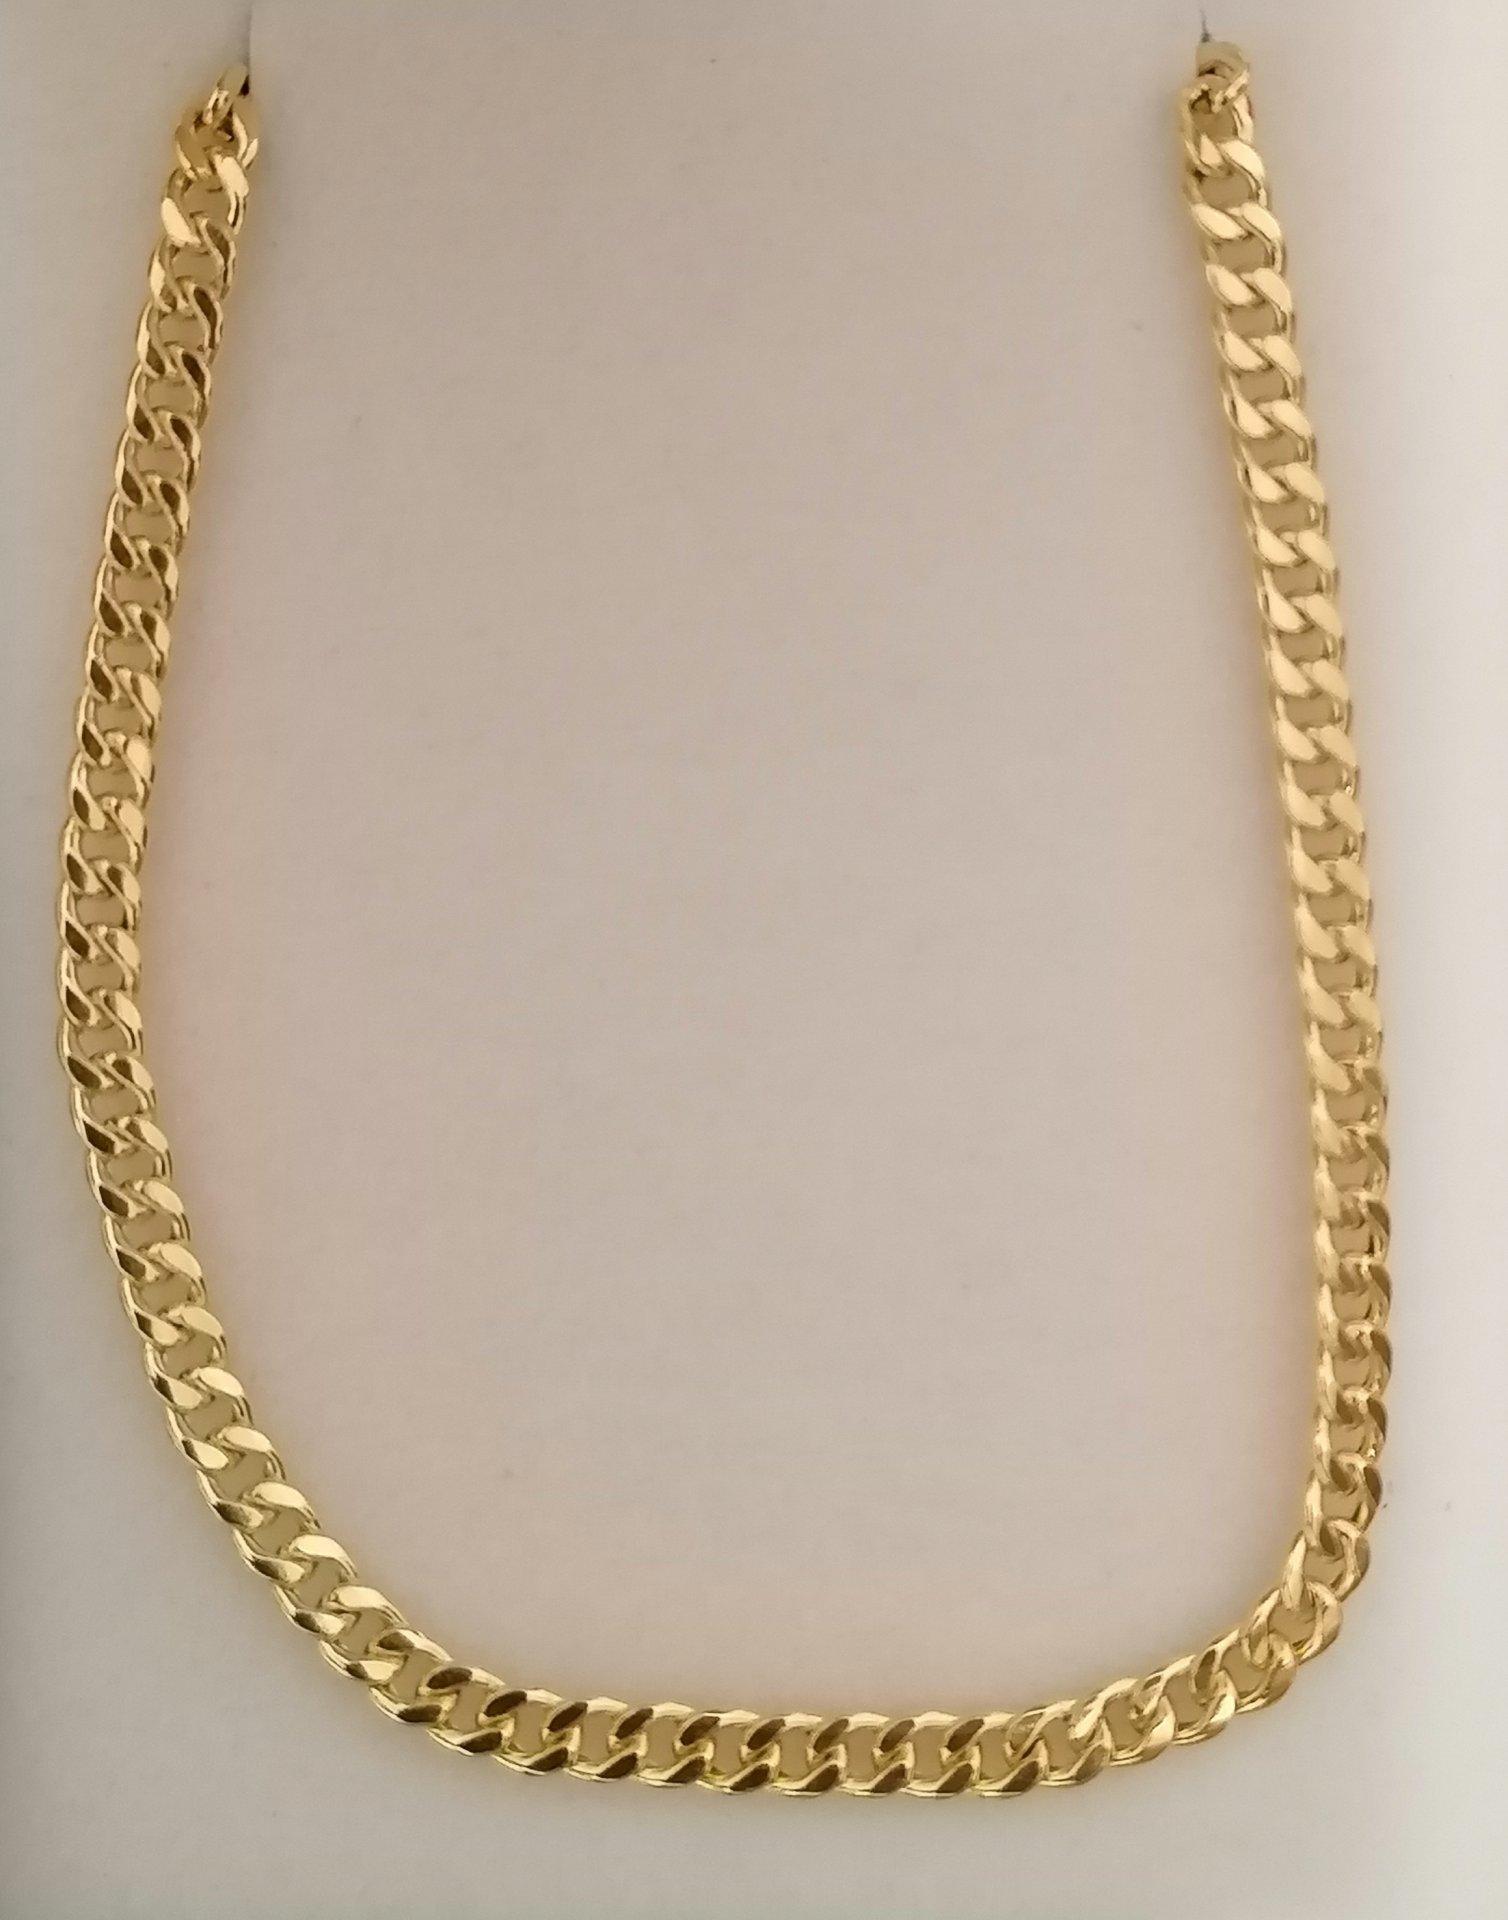 Cadena barbada semi hueca en oro 18 quilates de 60 cm de larga y 3 mm de grosor